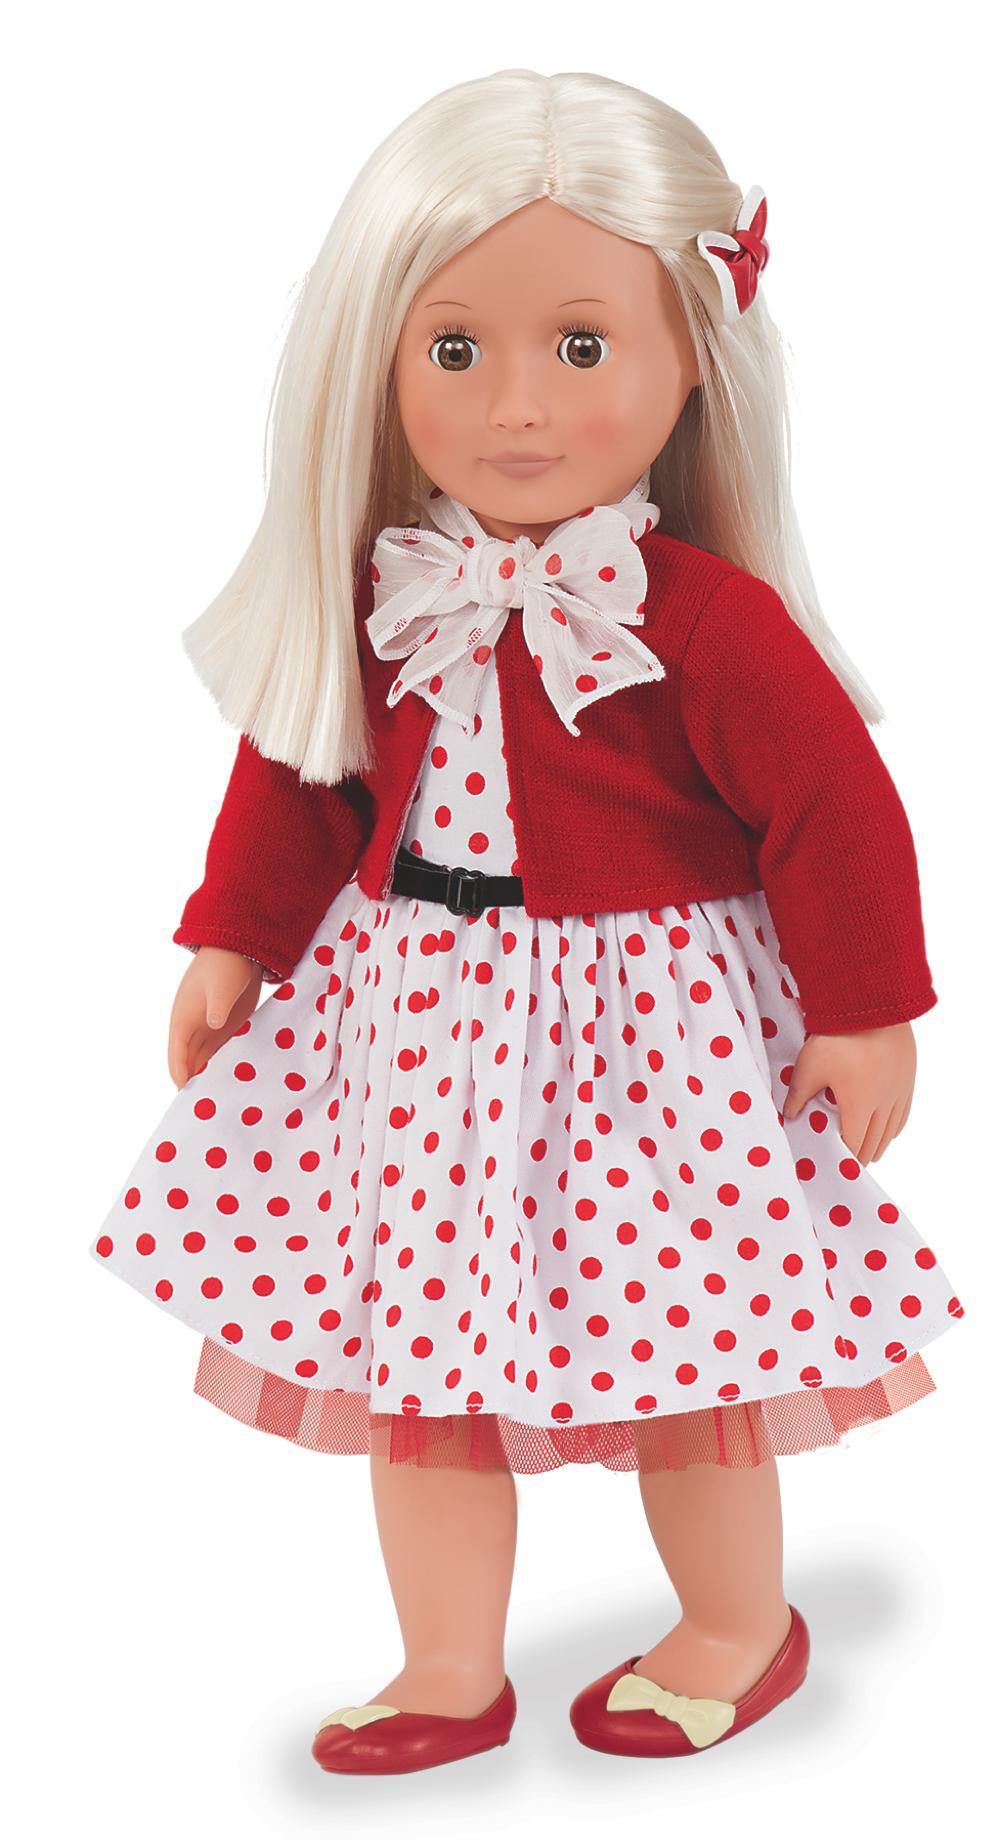 Retro Doll OG - Rose